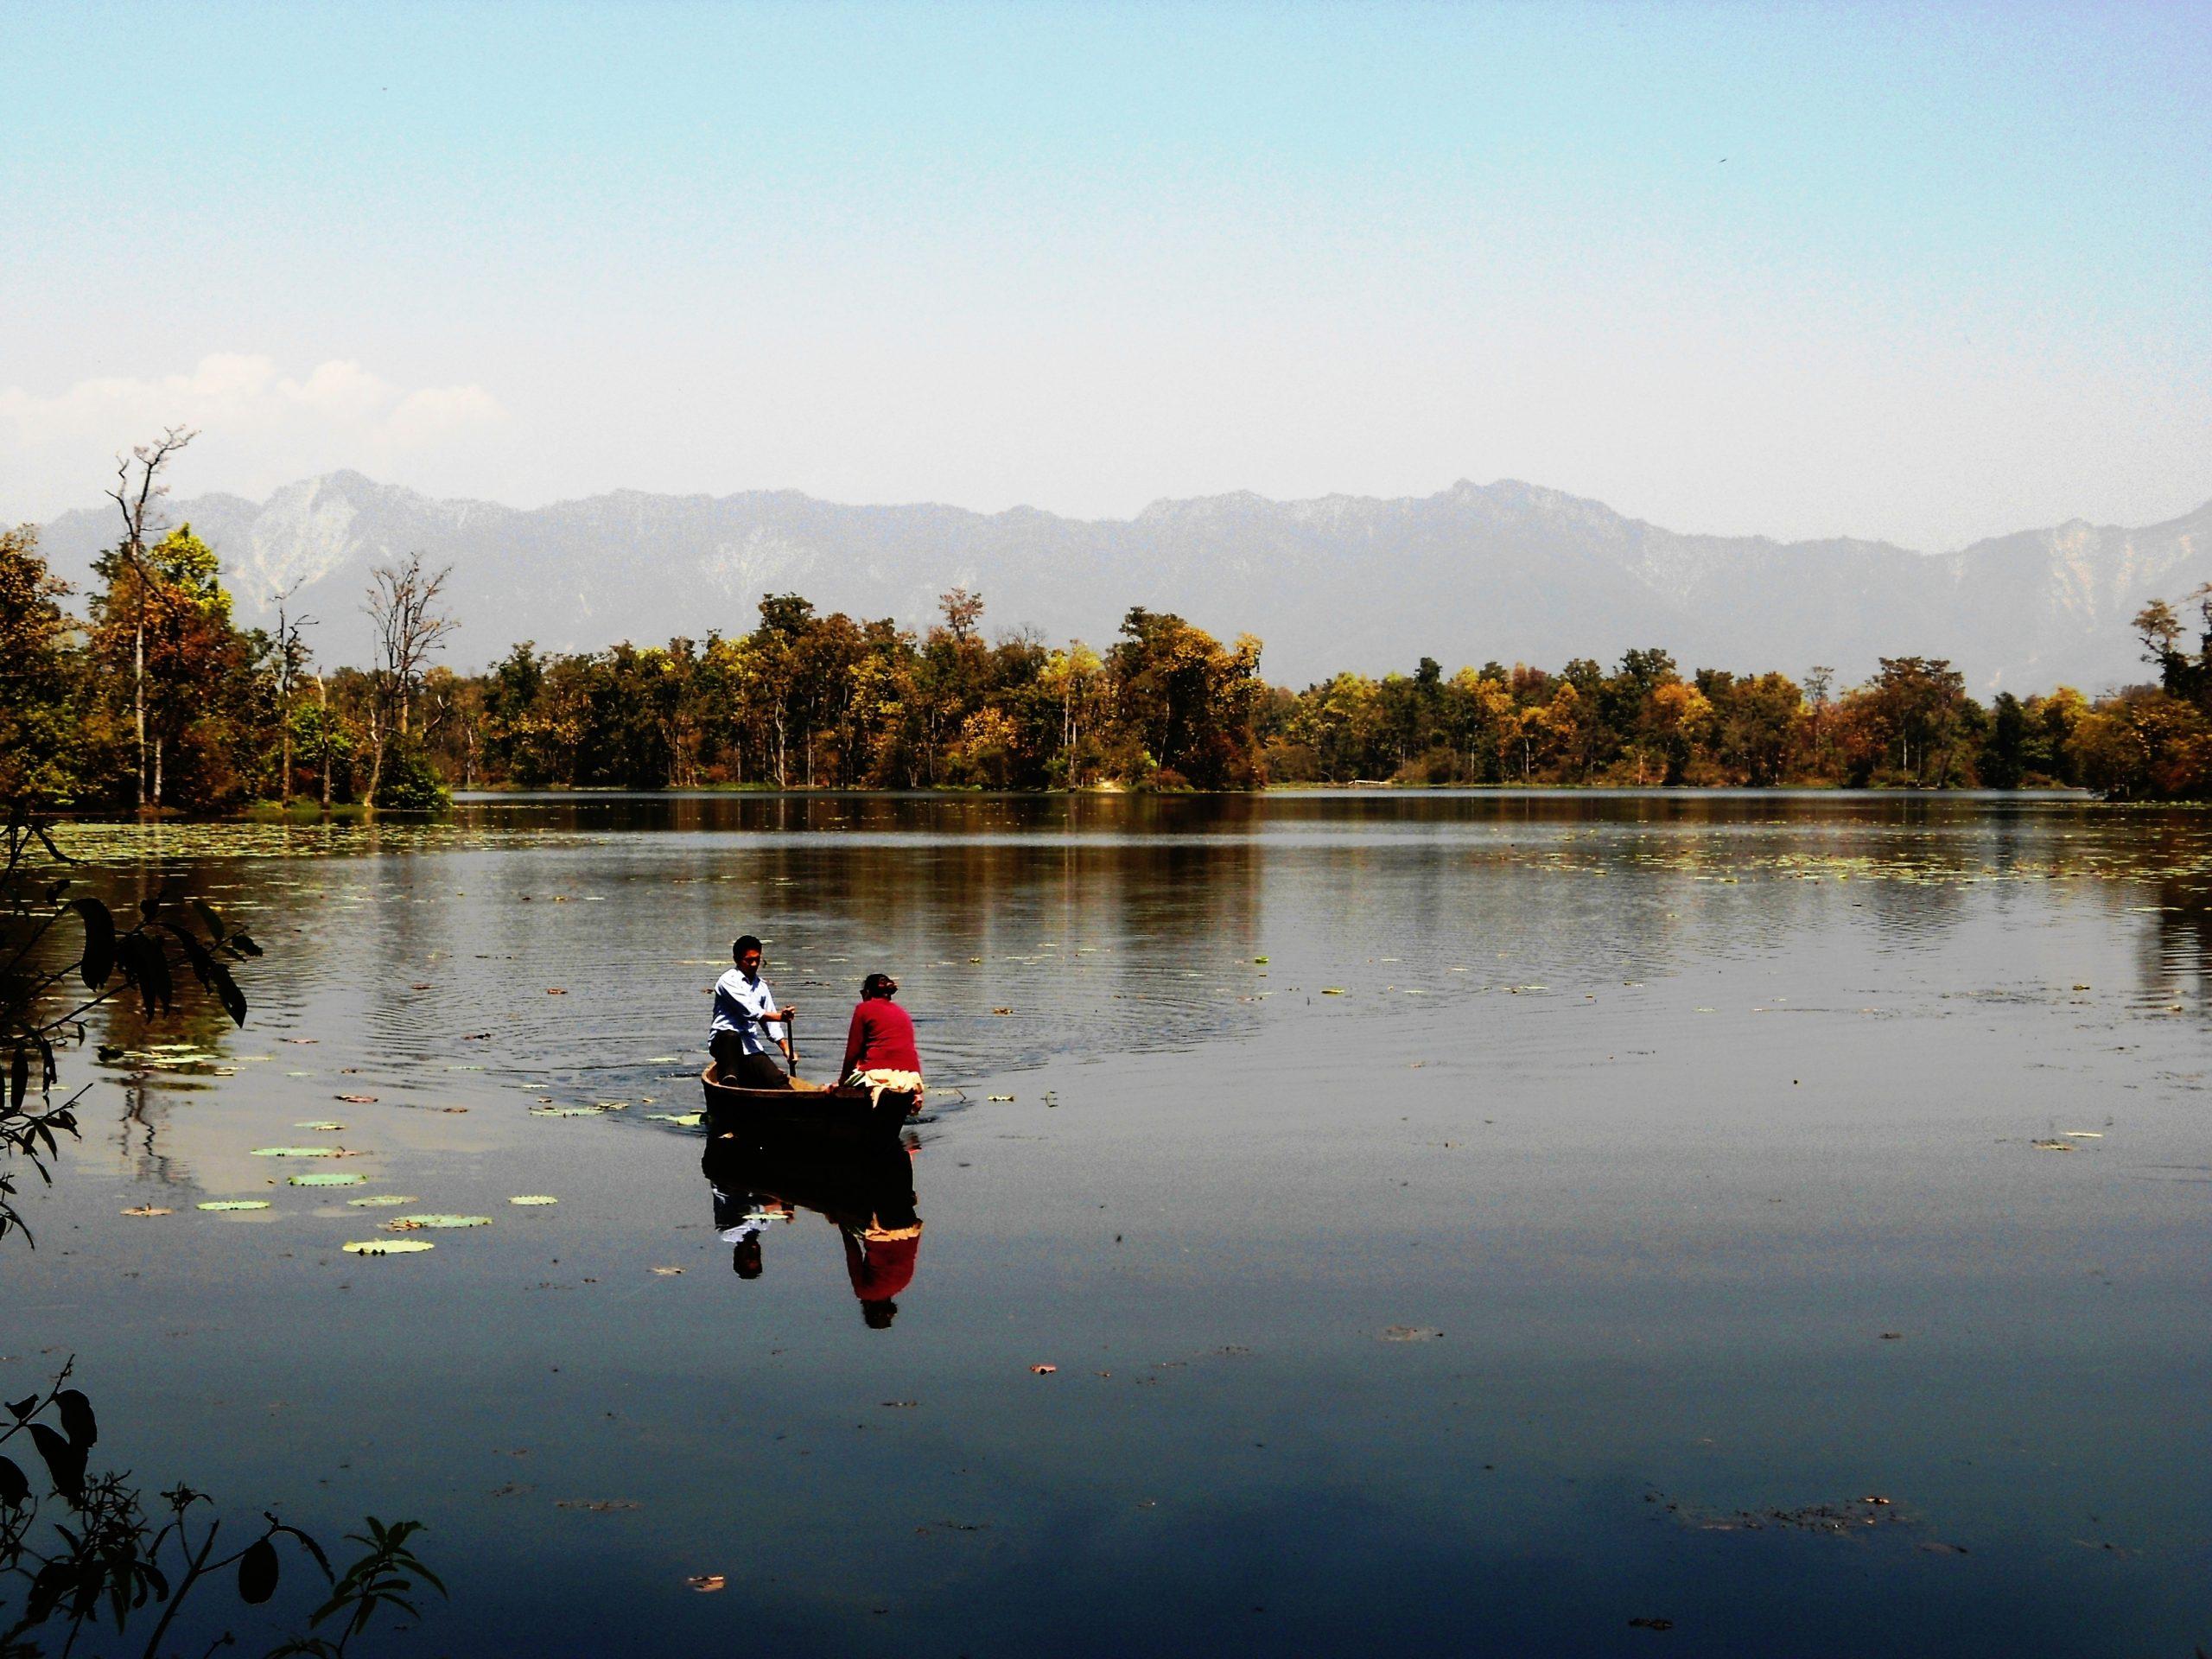 Chisapani-Thakurdwara Tourism Area